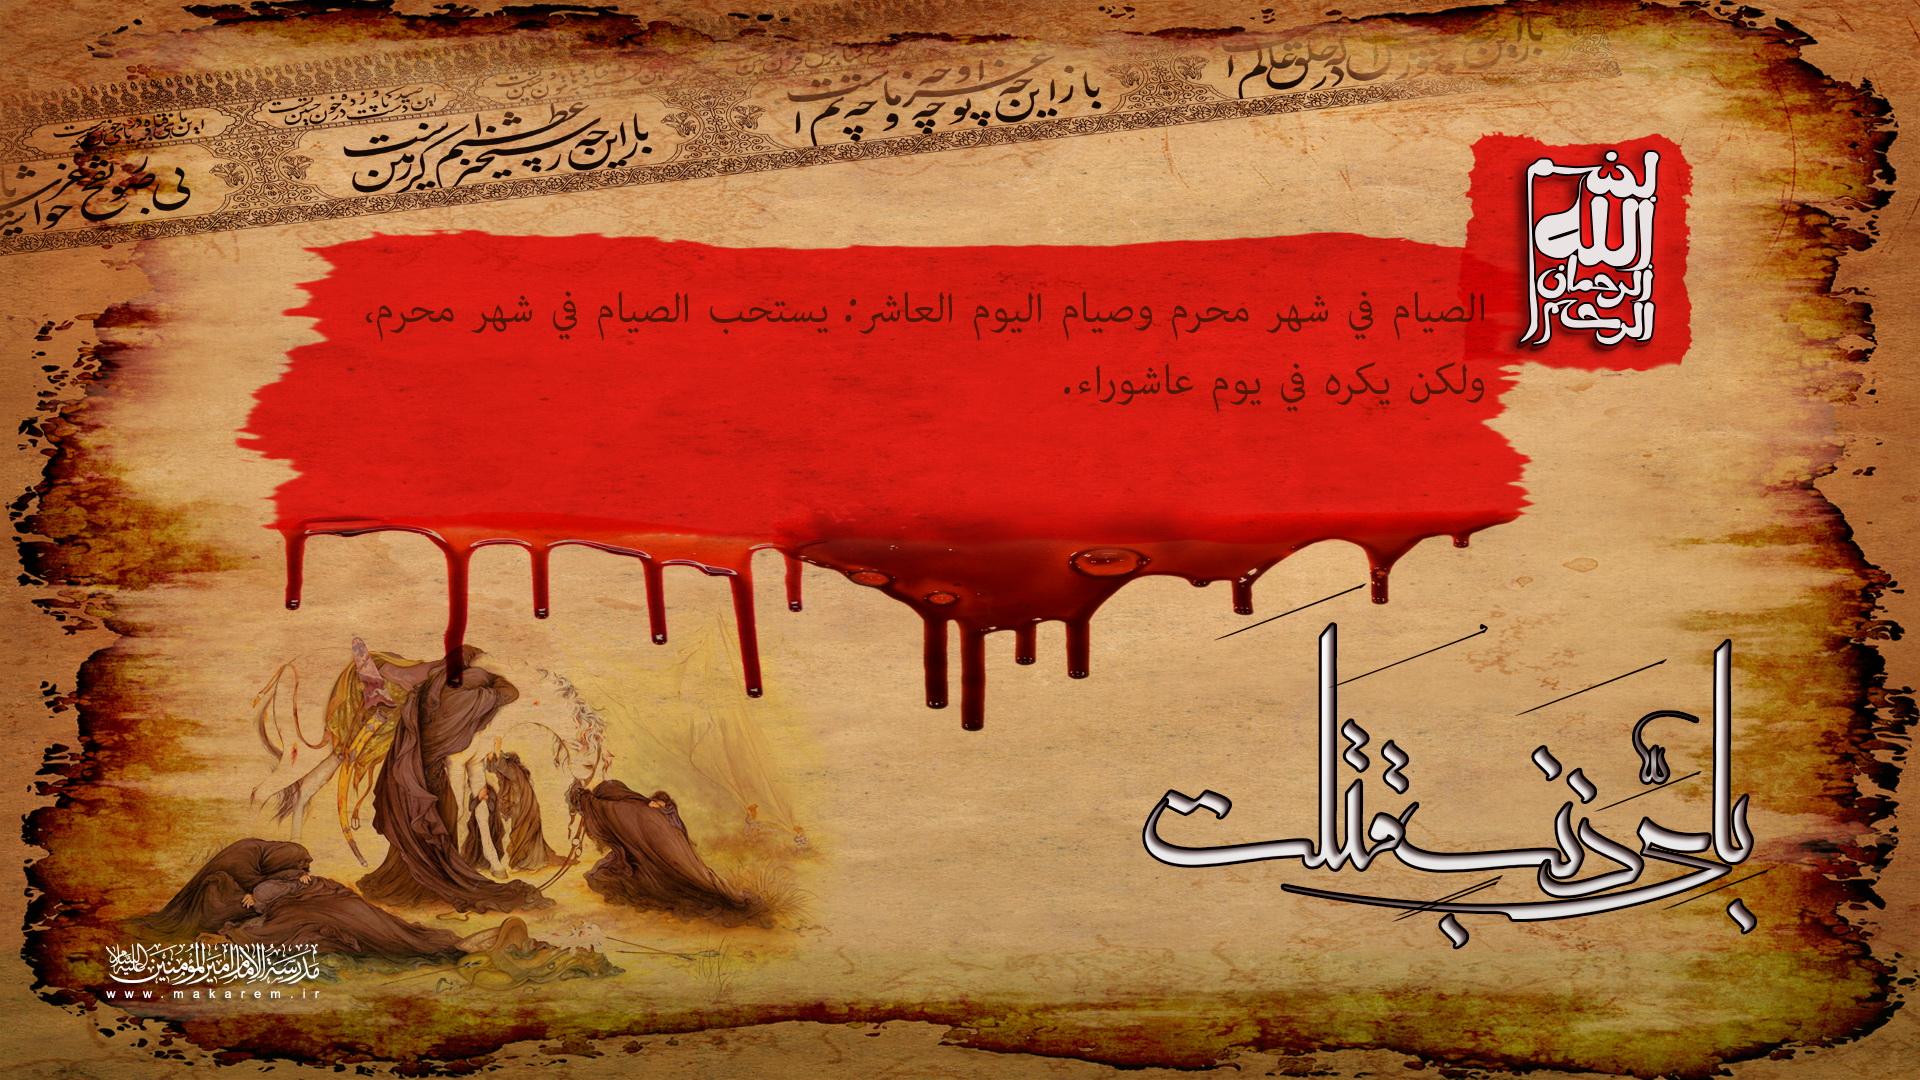 محرم الحرام-مدرسه الامام امیر المومنین (ع)